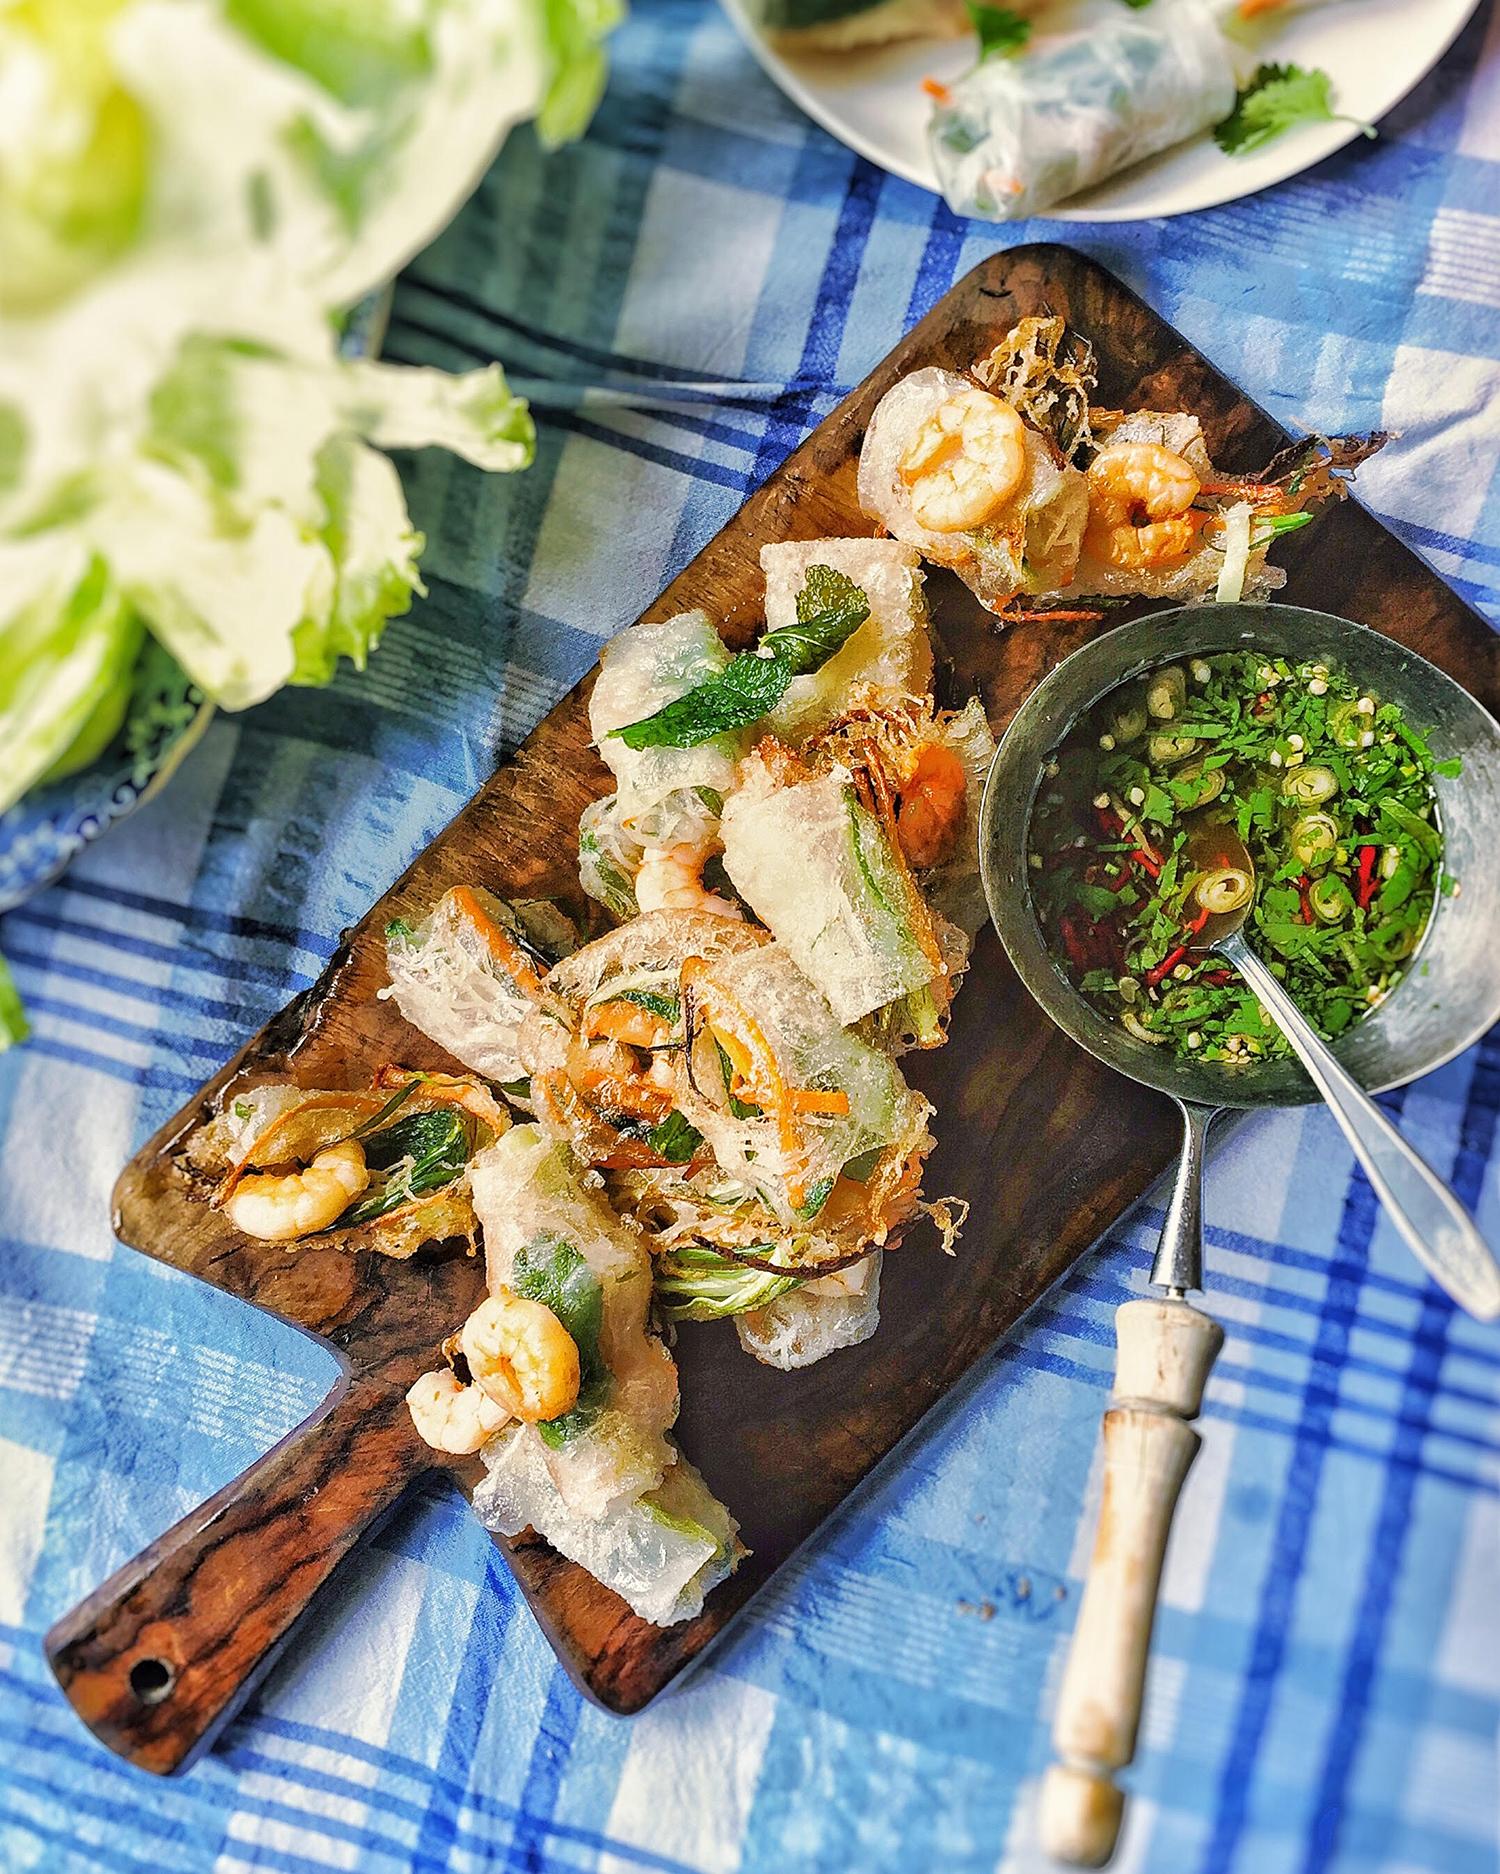 deep-fried-vietnamese-summer-rolls-with-dipping-sauce.jpg